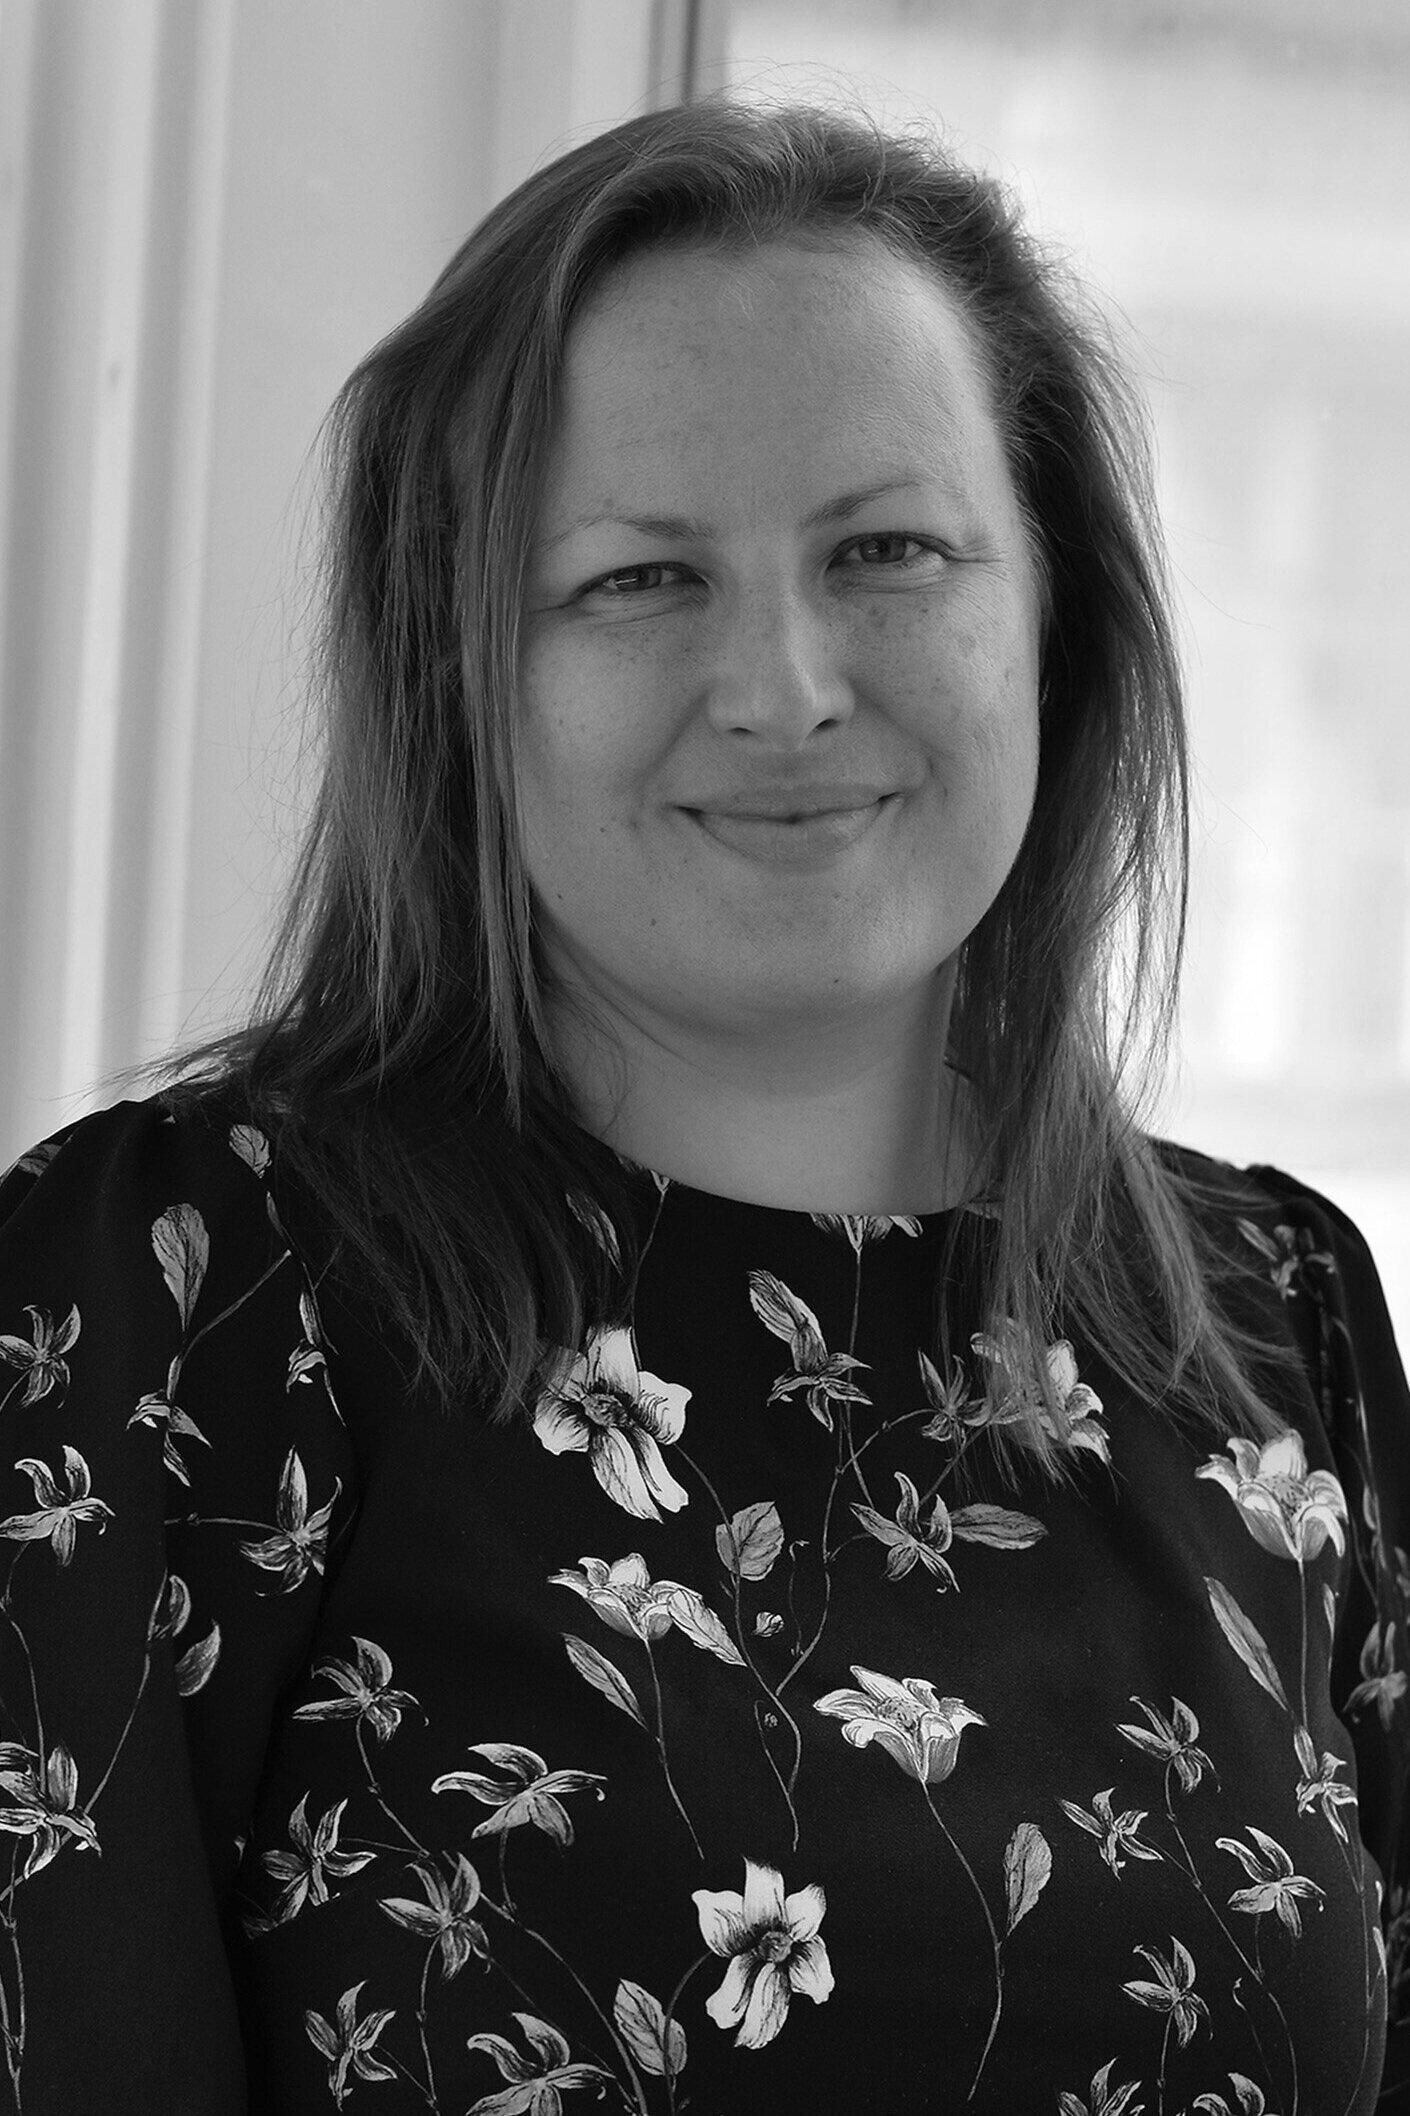 Christine langinauer - Hoitaa tiedotusta ja verkkoviestintää yhdessä Anni Guttormin kanssacommunications@icomfinland.fi